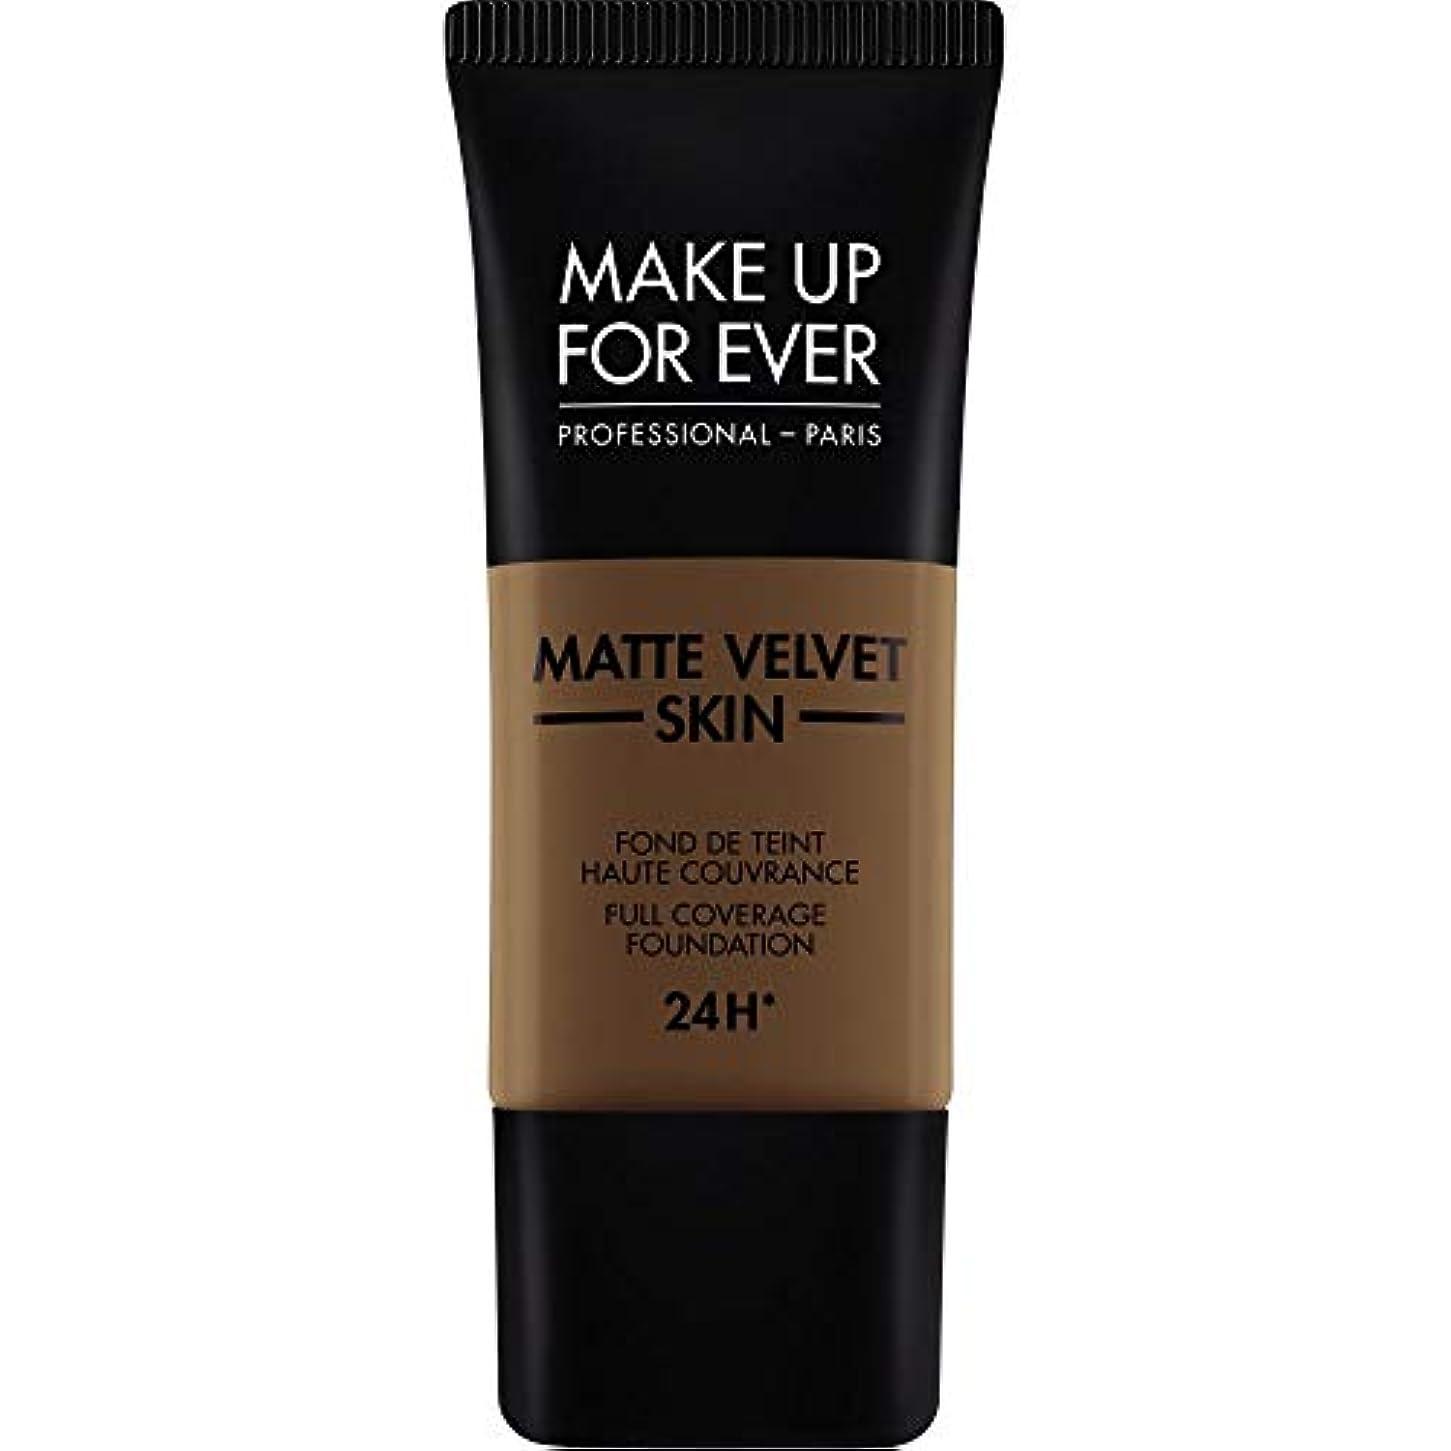 ちらつき気配りのある信者[MAKE UP FOR EVER ] ダークブラウン - これまでマットベルベットの皮膚のフルカバレッジ基礎30ミリリットルのR540を補います - MAKE UP FOR EVER Matte Velvet Skin...